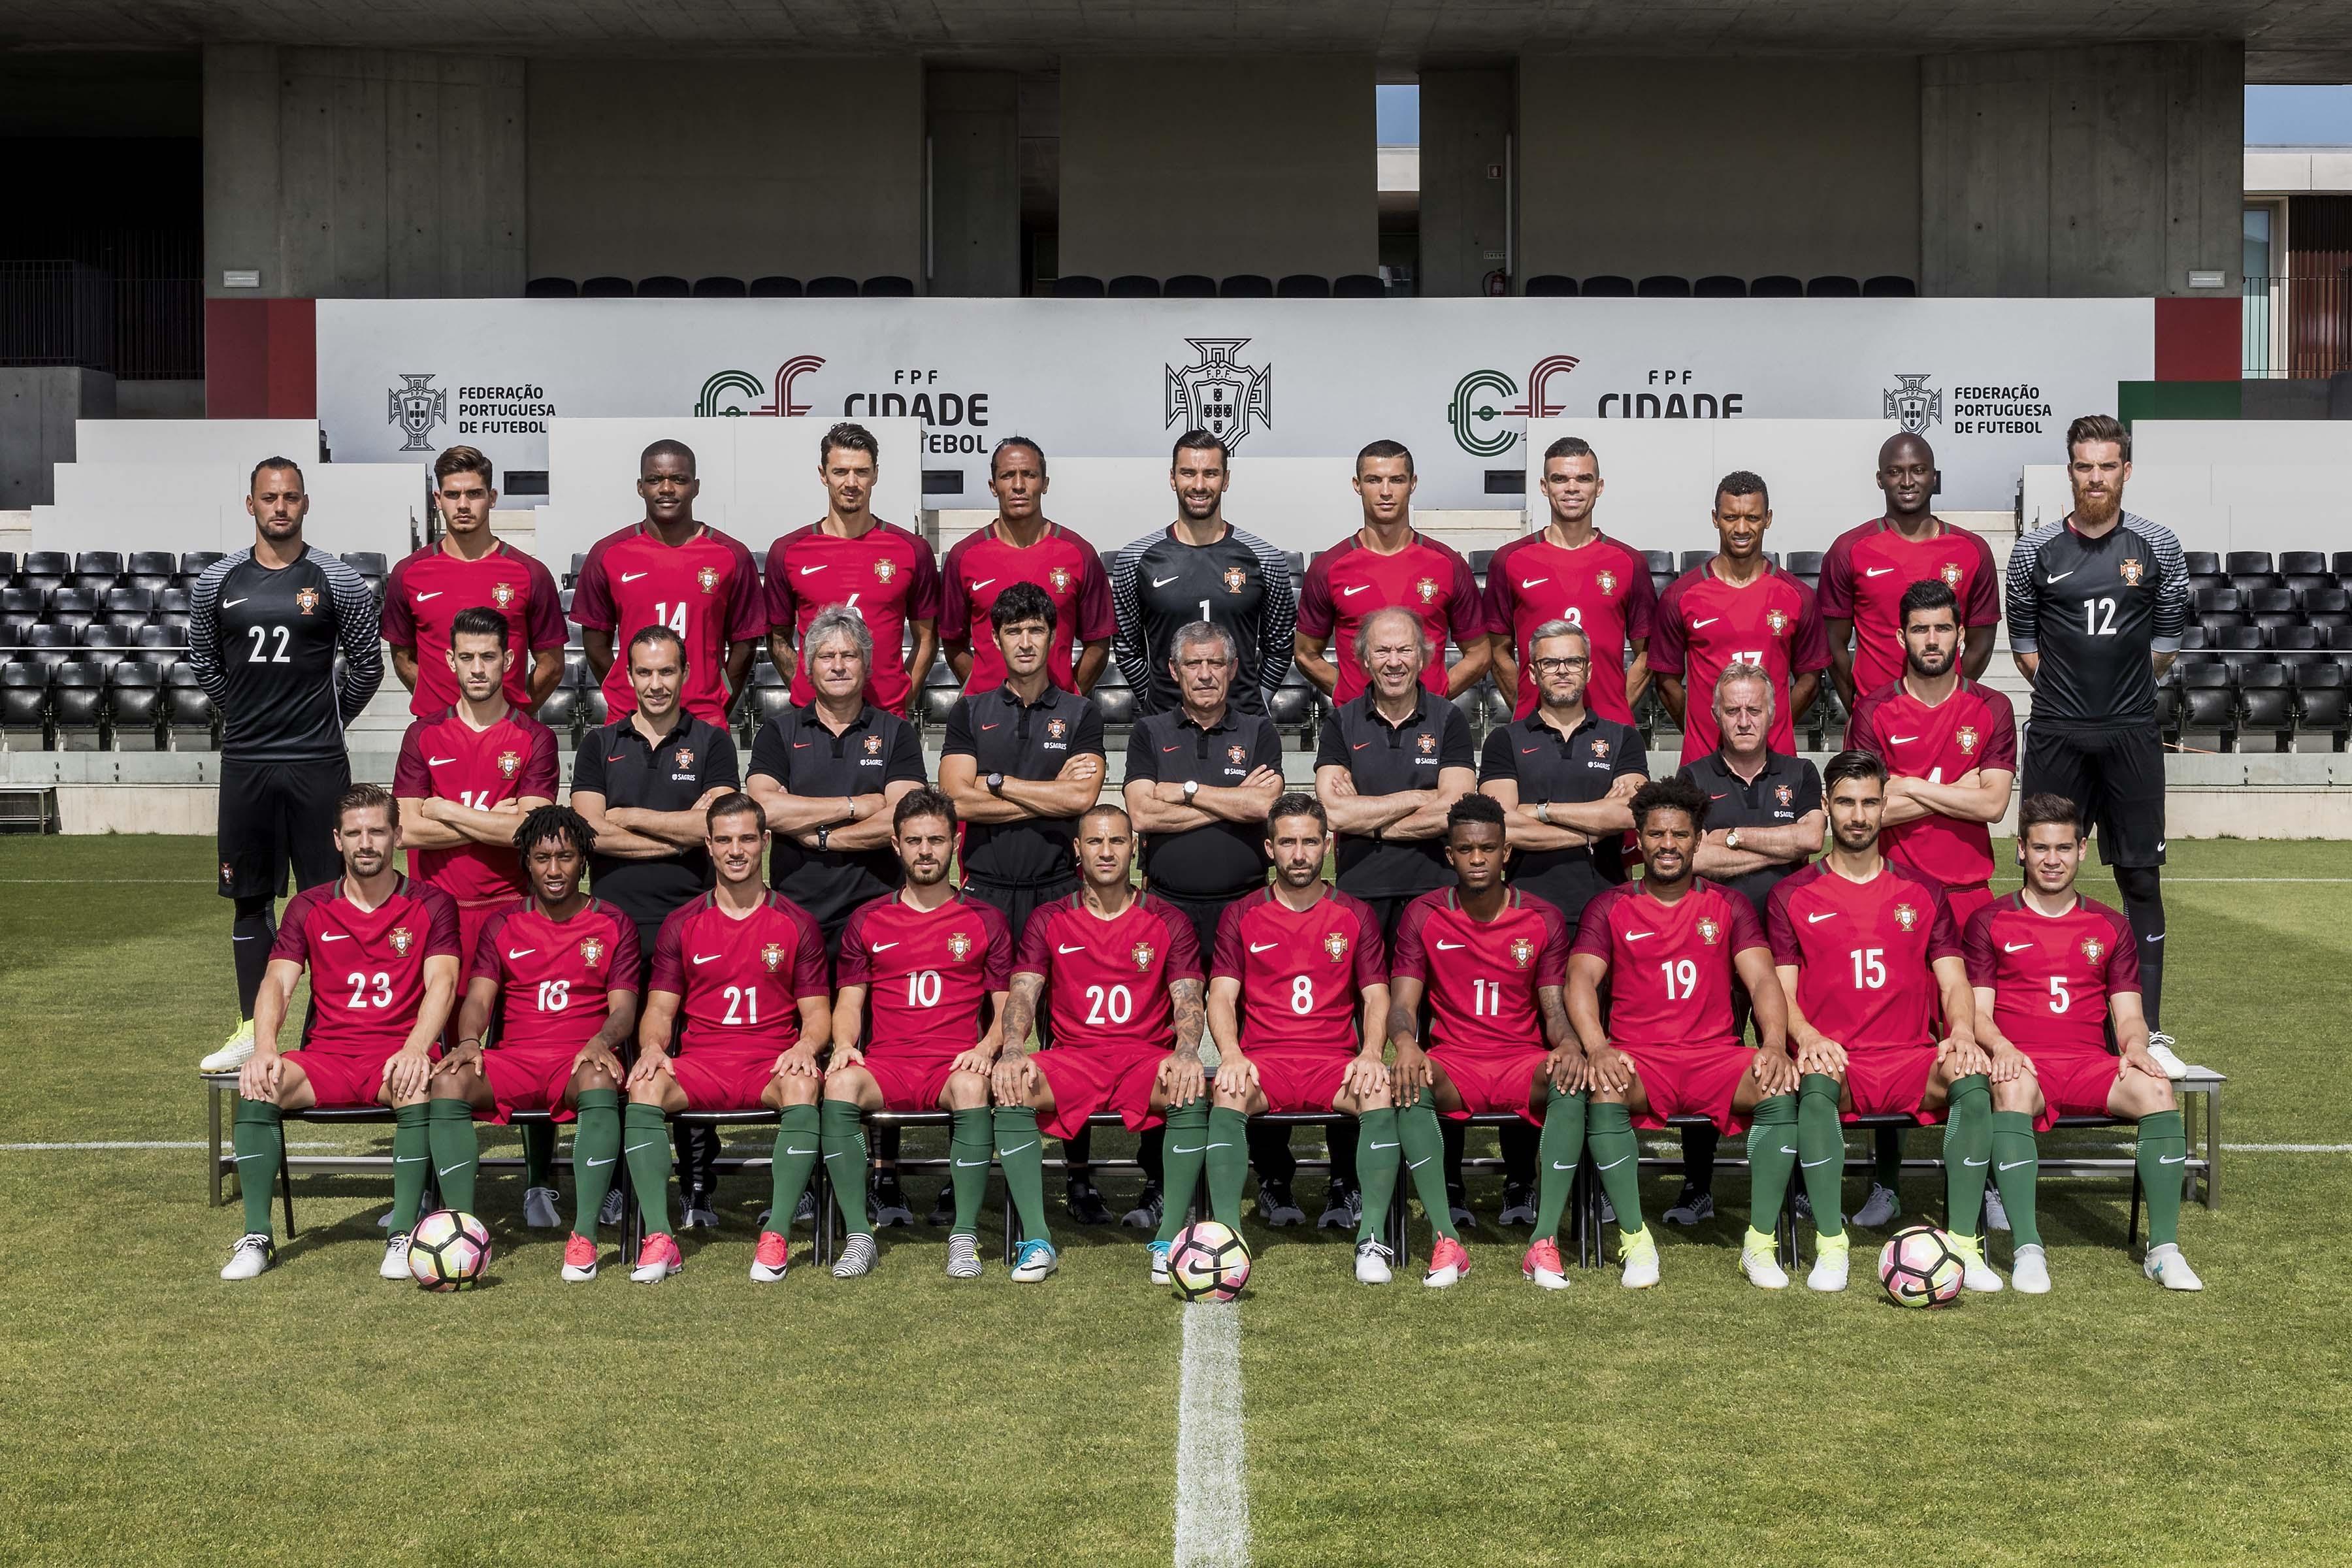 Fifa divulga atualização do ranking de seleções